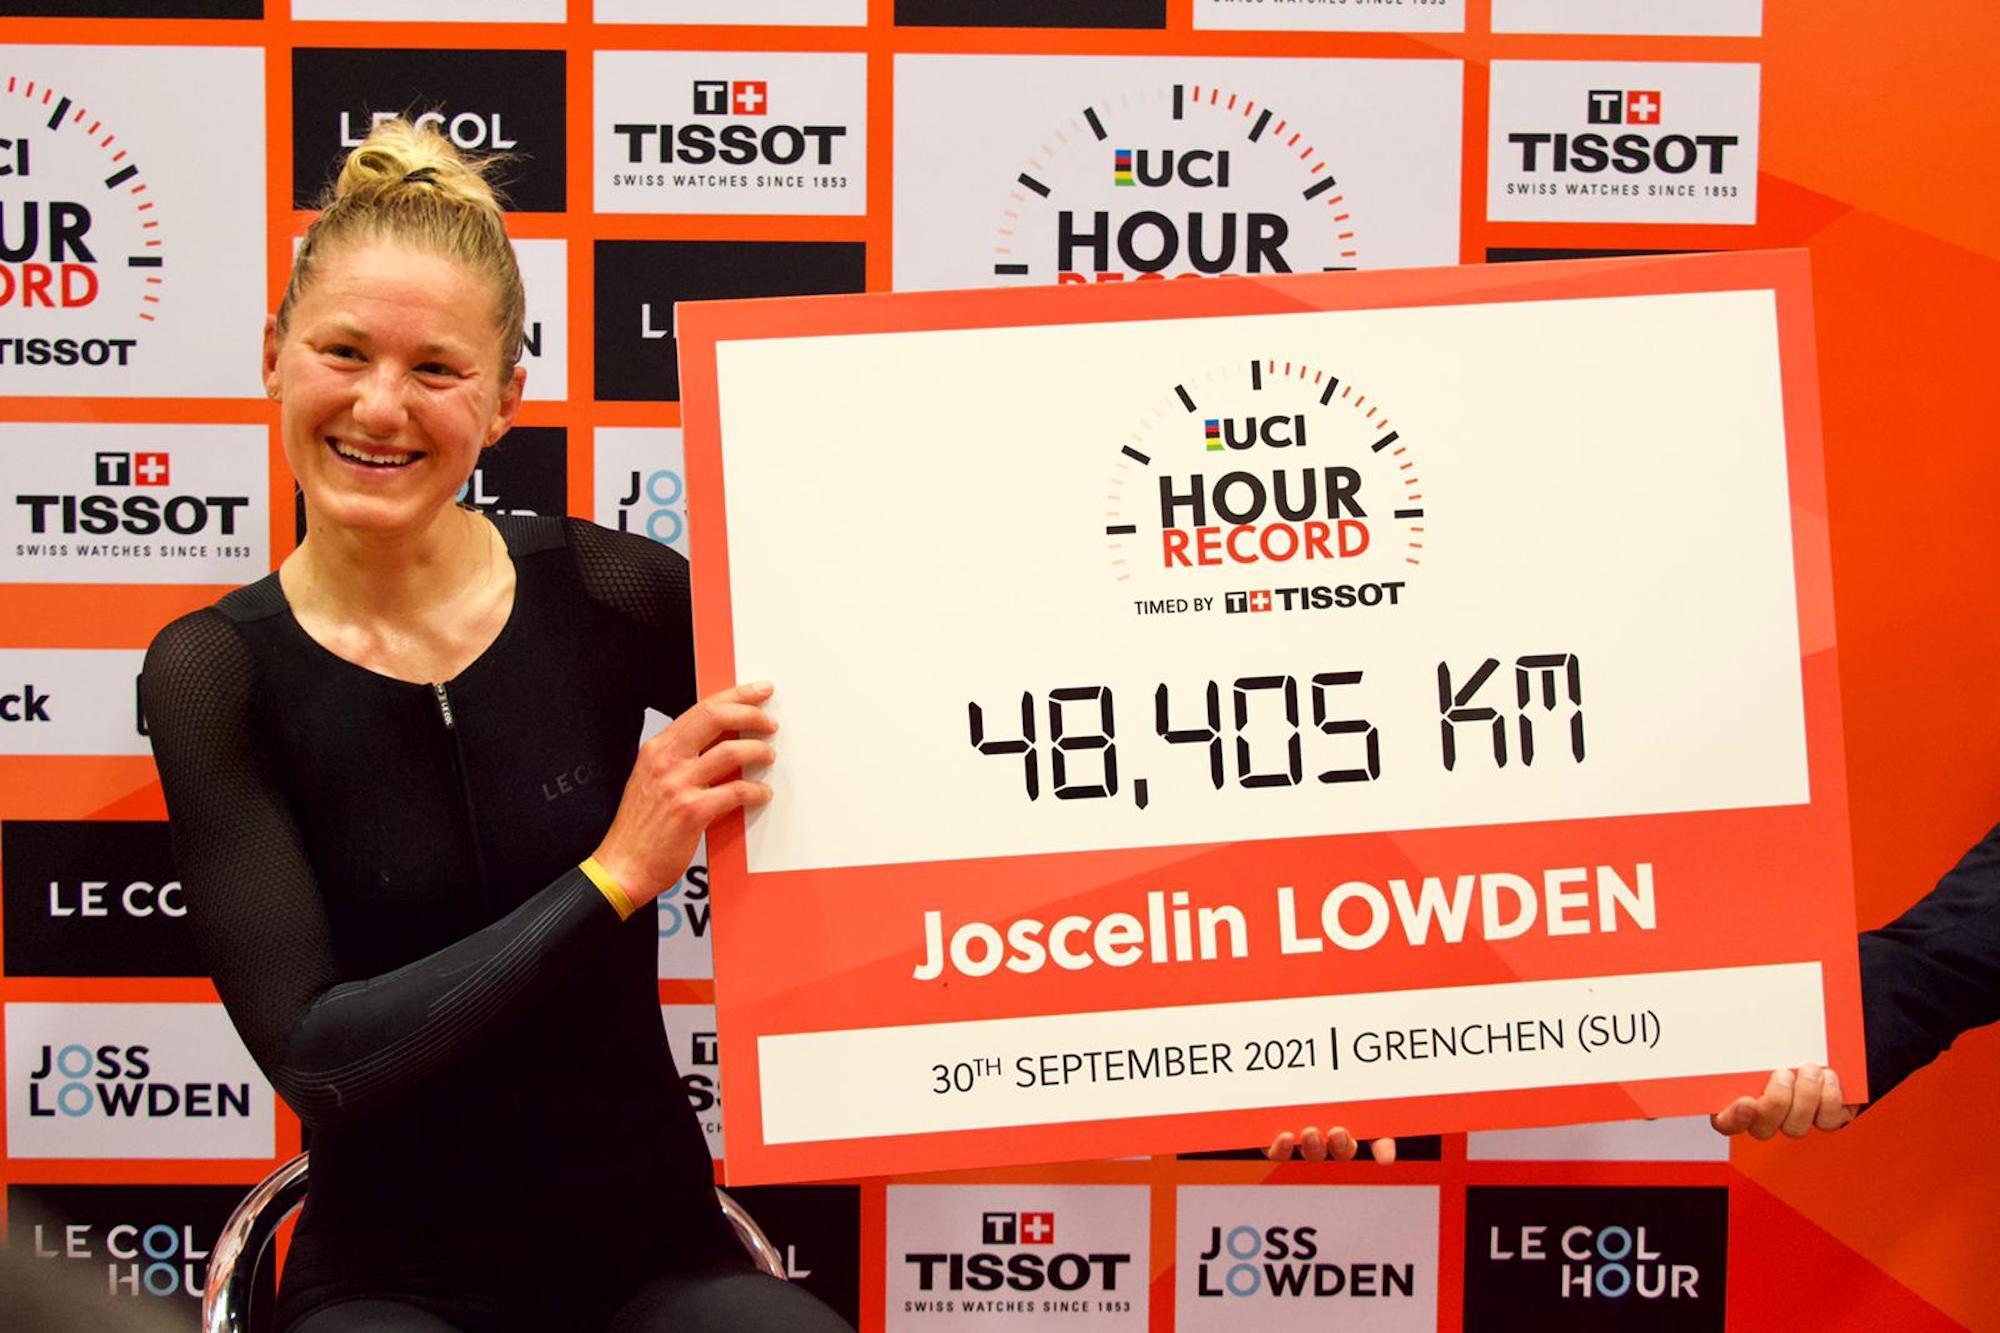 'Muchas dudas sobre sí mismo, pero en realidad no fue tan malo': Joss Lowden reflexiona sobre su carrera en el récord de horas